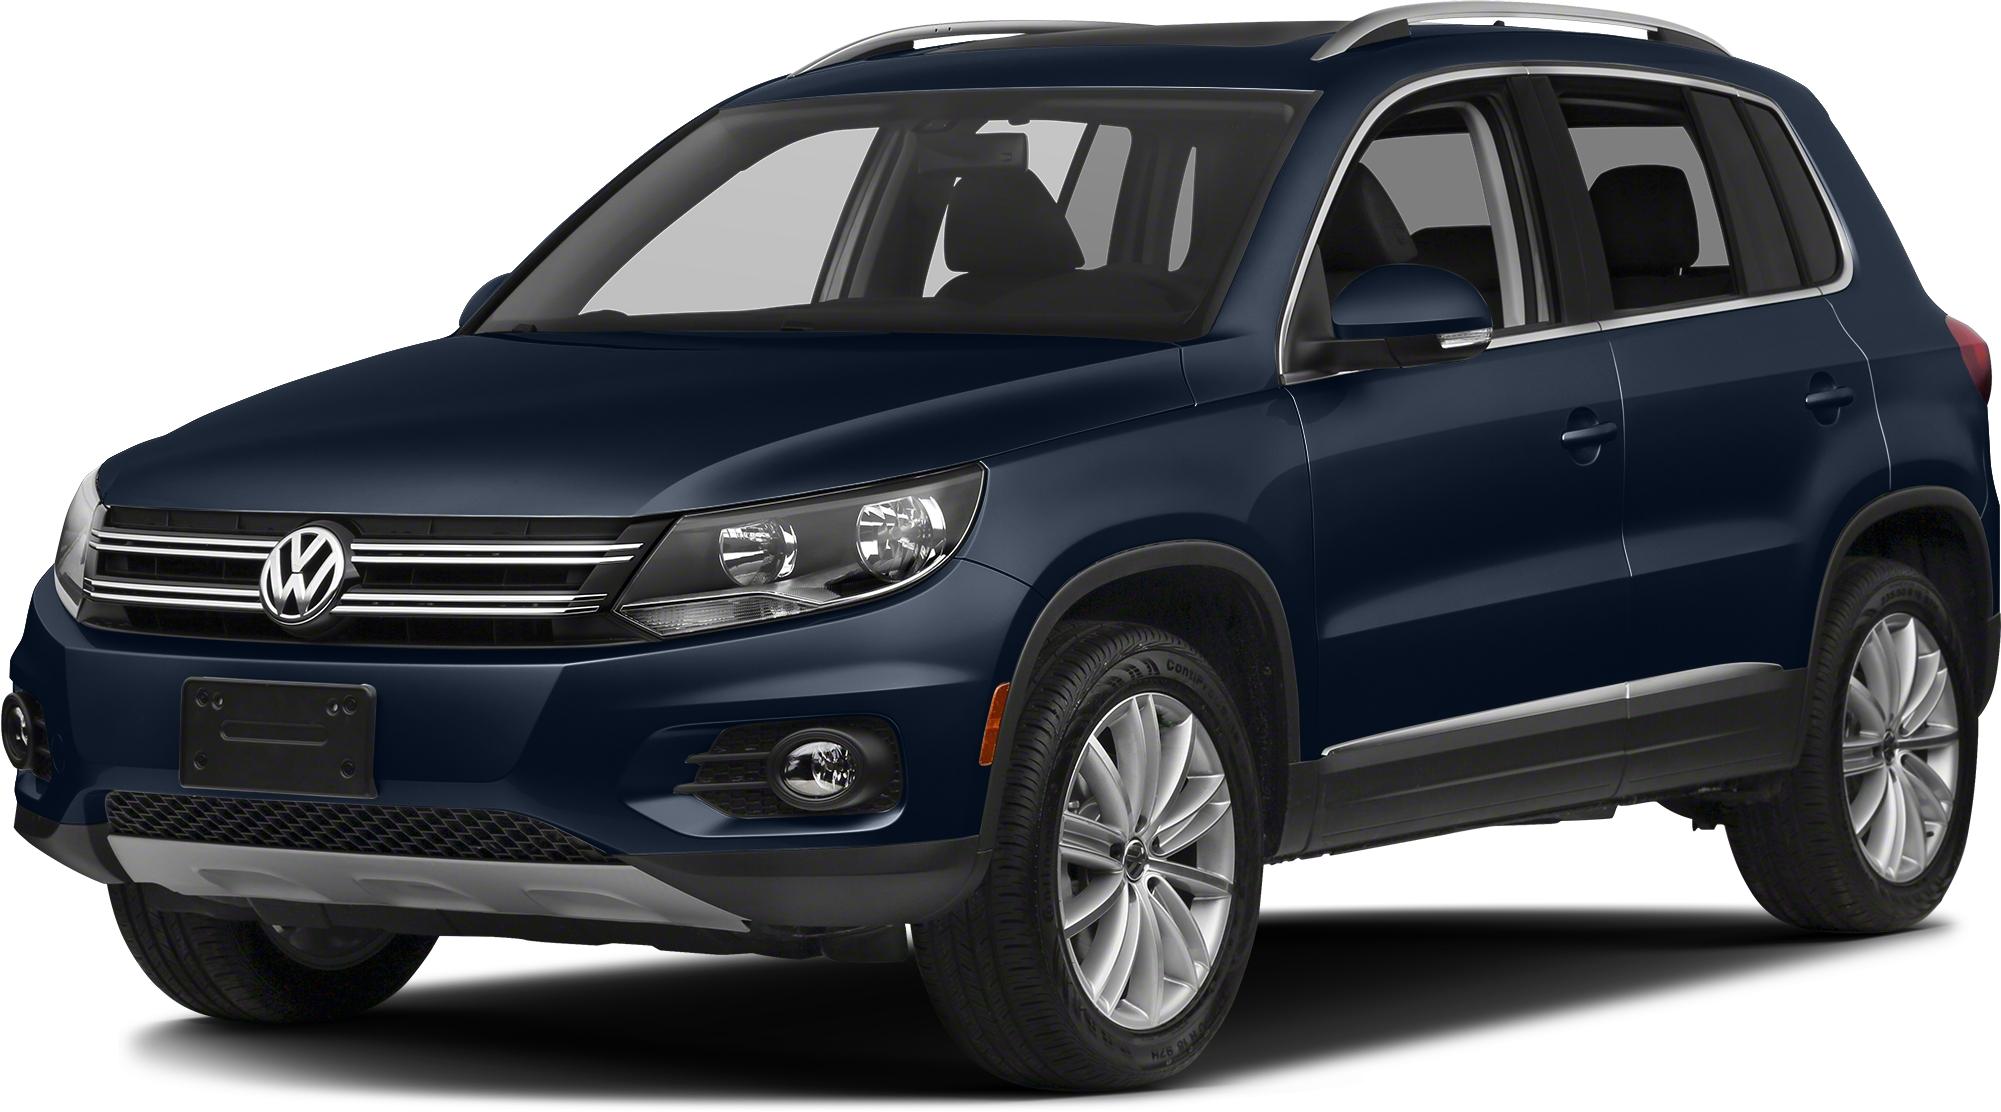 2015 Volkswagen Tiguan Jackson TN 25545815